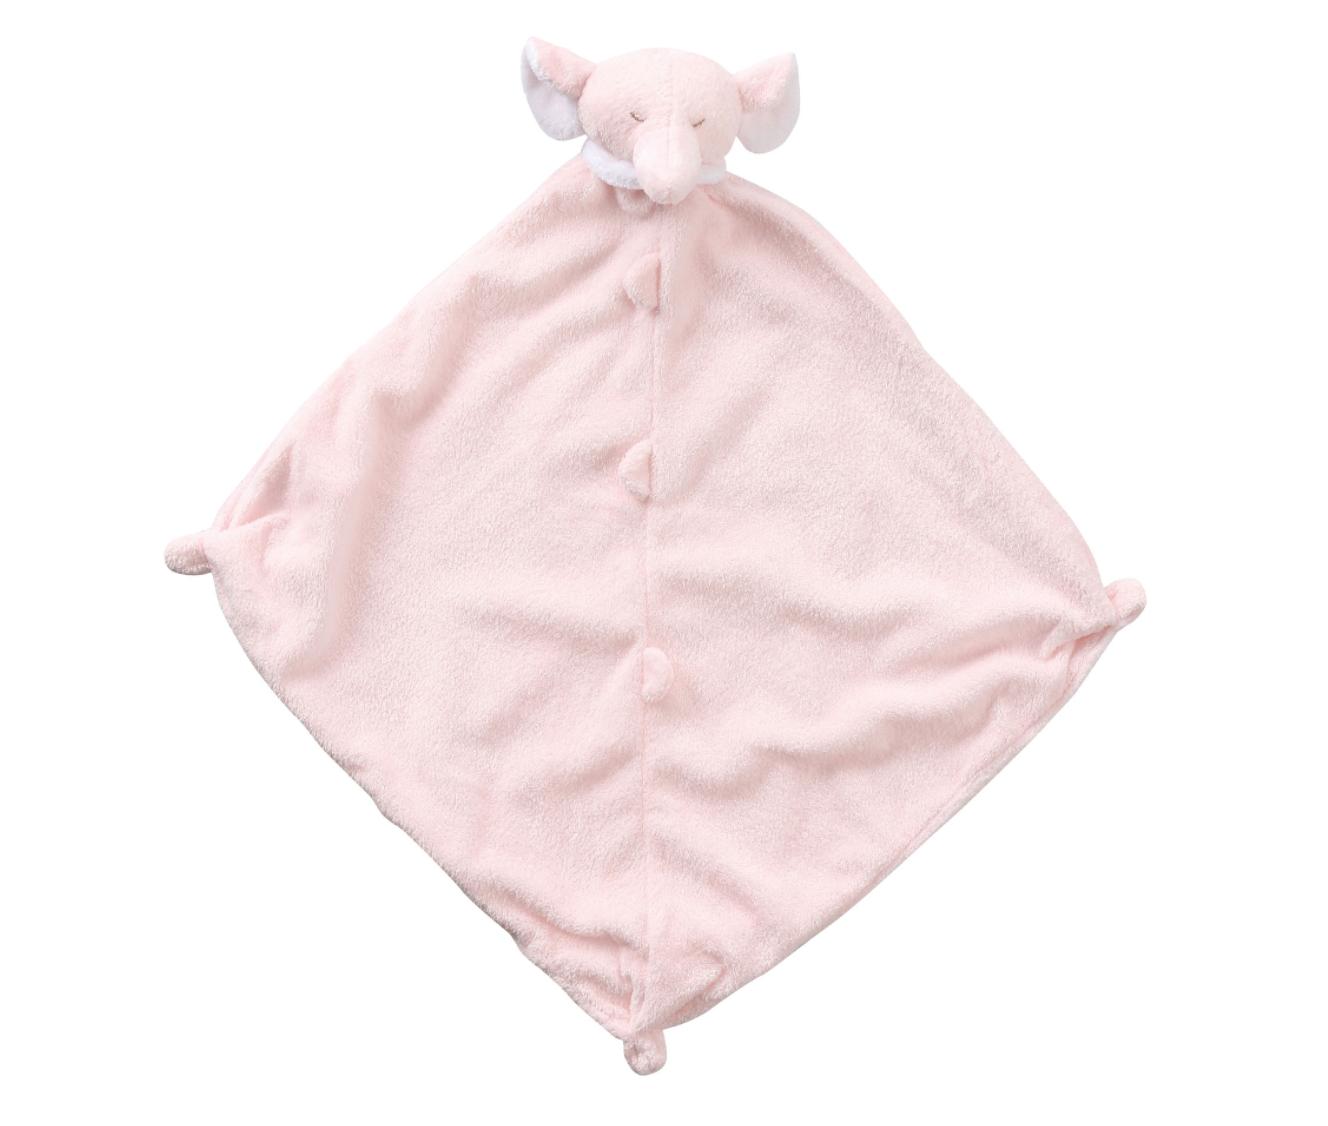 Angel Dear Blankie pink elephant